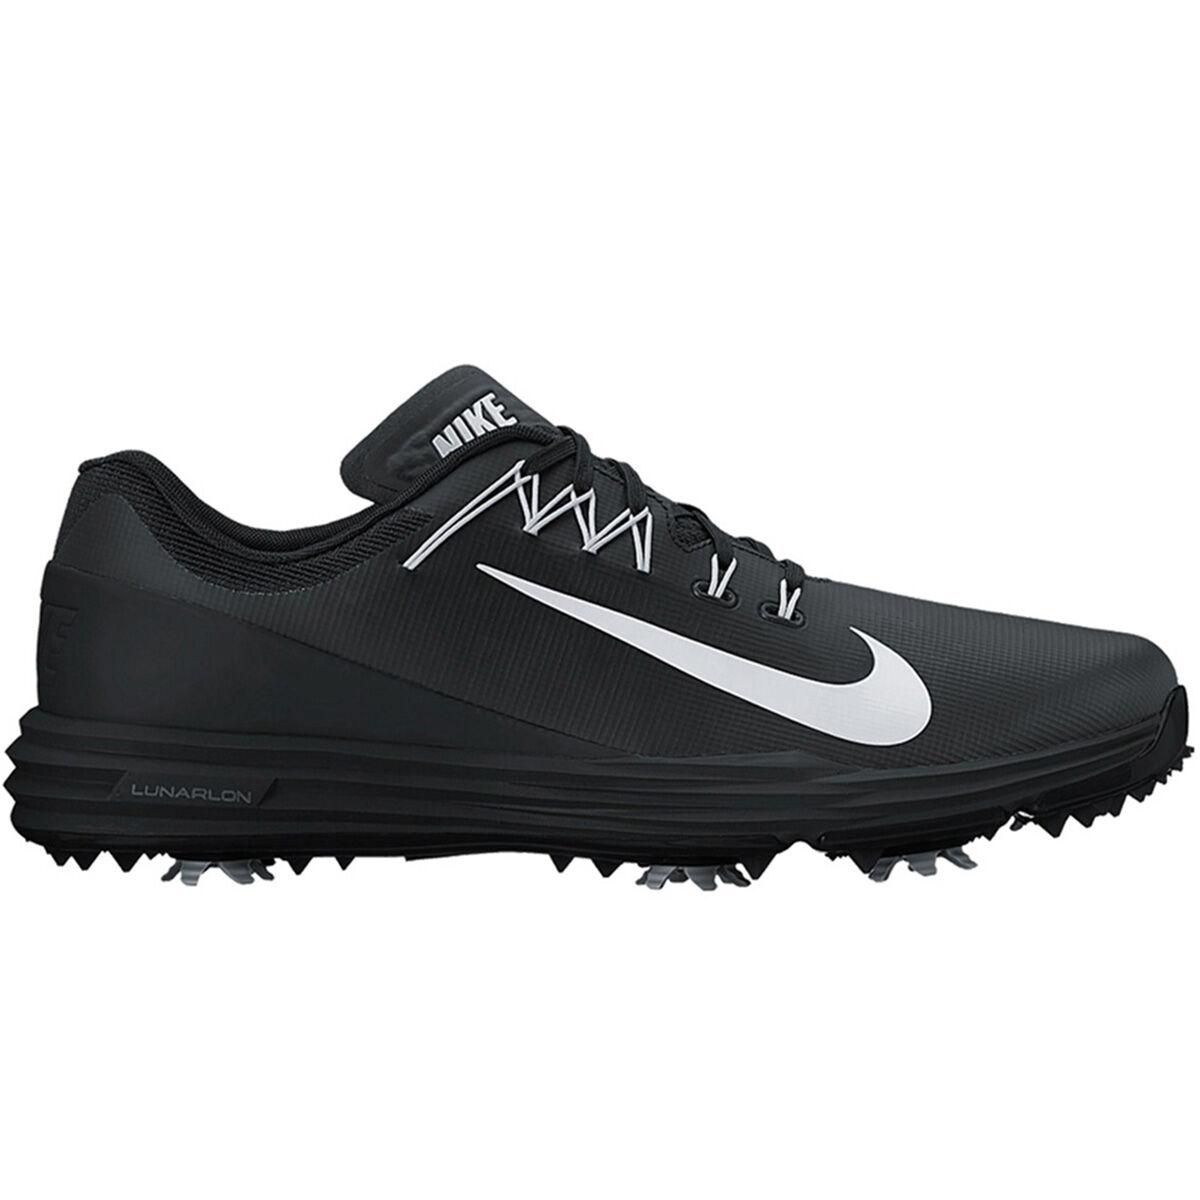 Chaussures Nike Golf Lunar Command 2 | Online Golf